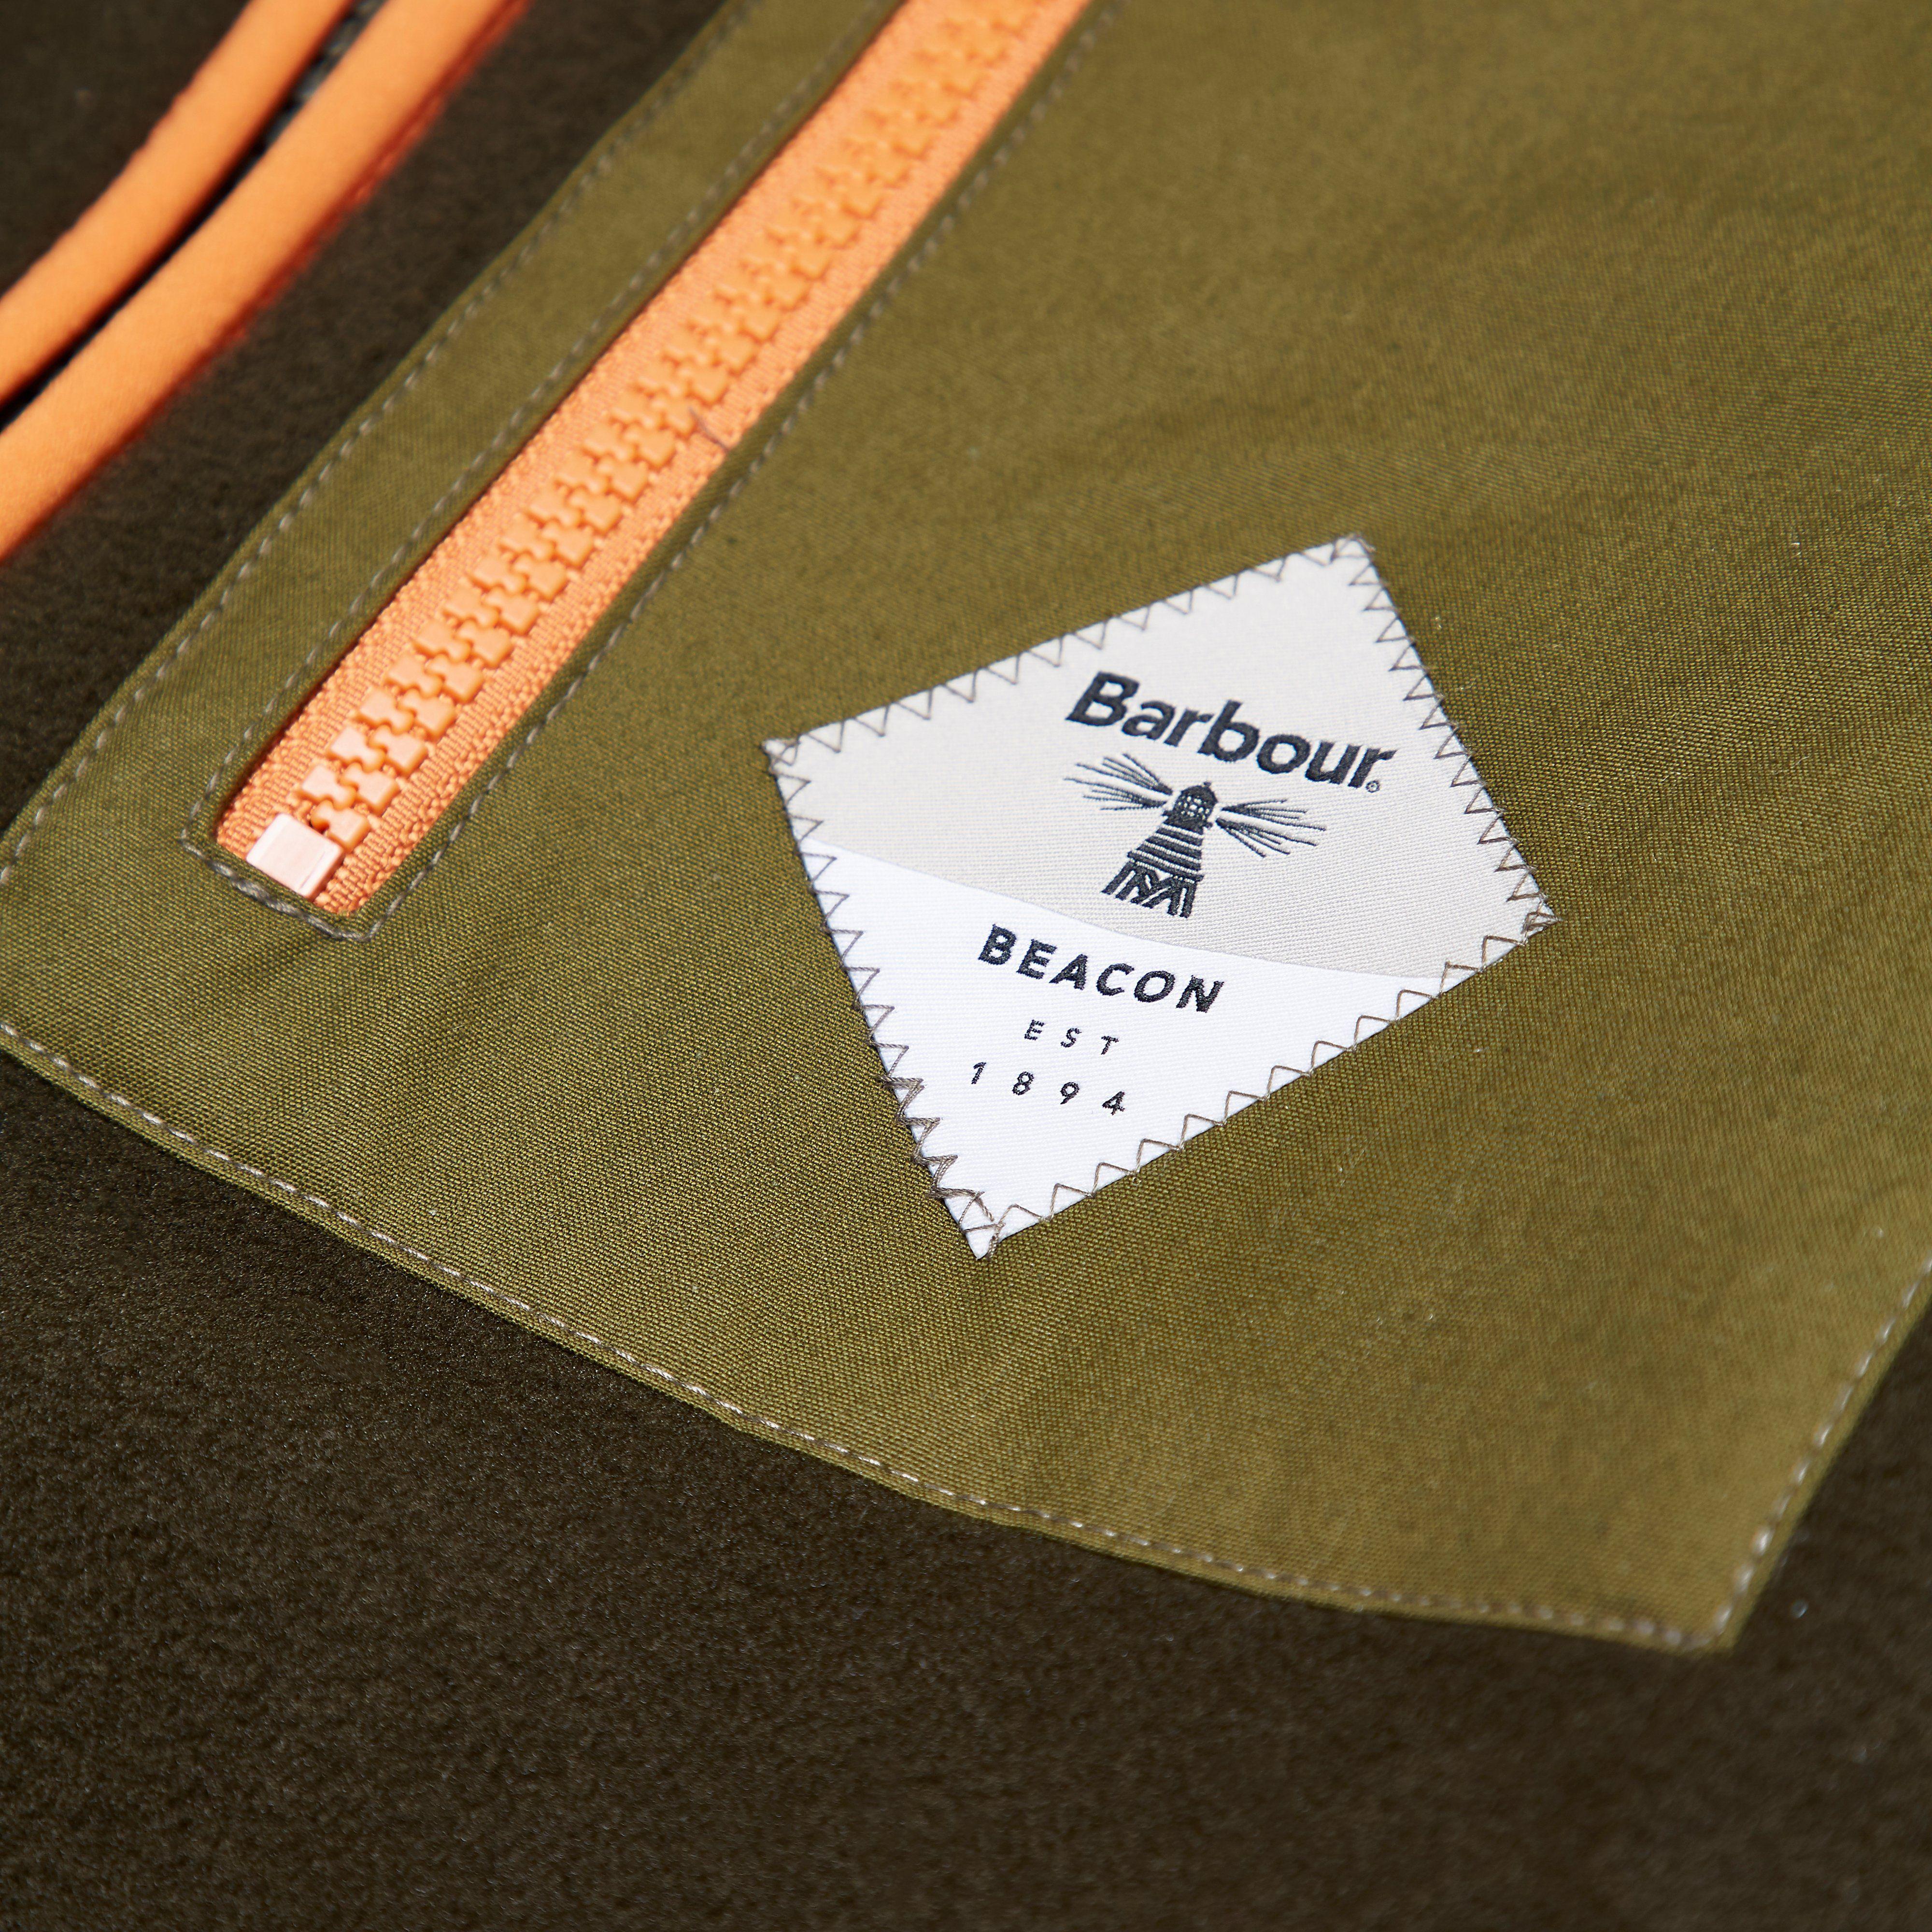 Barbour Beacon Egremont Fleece